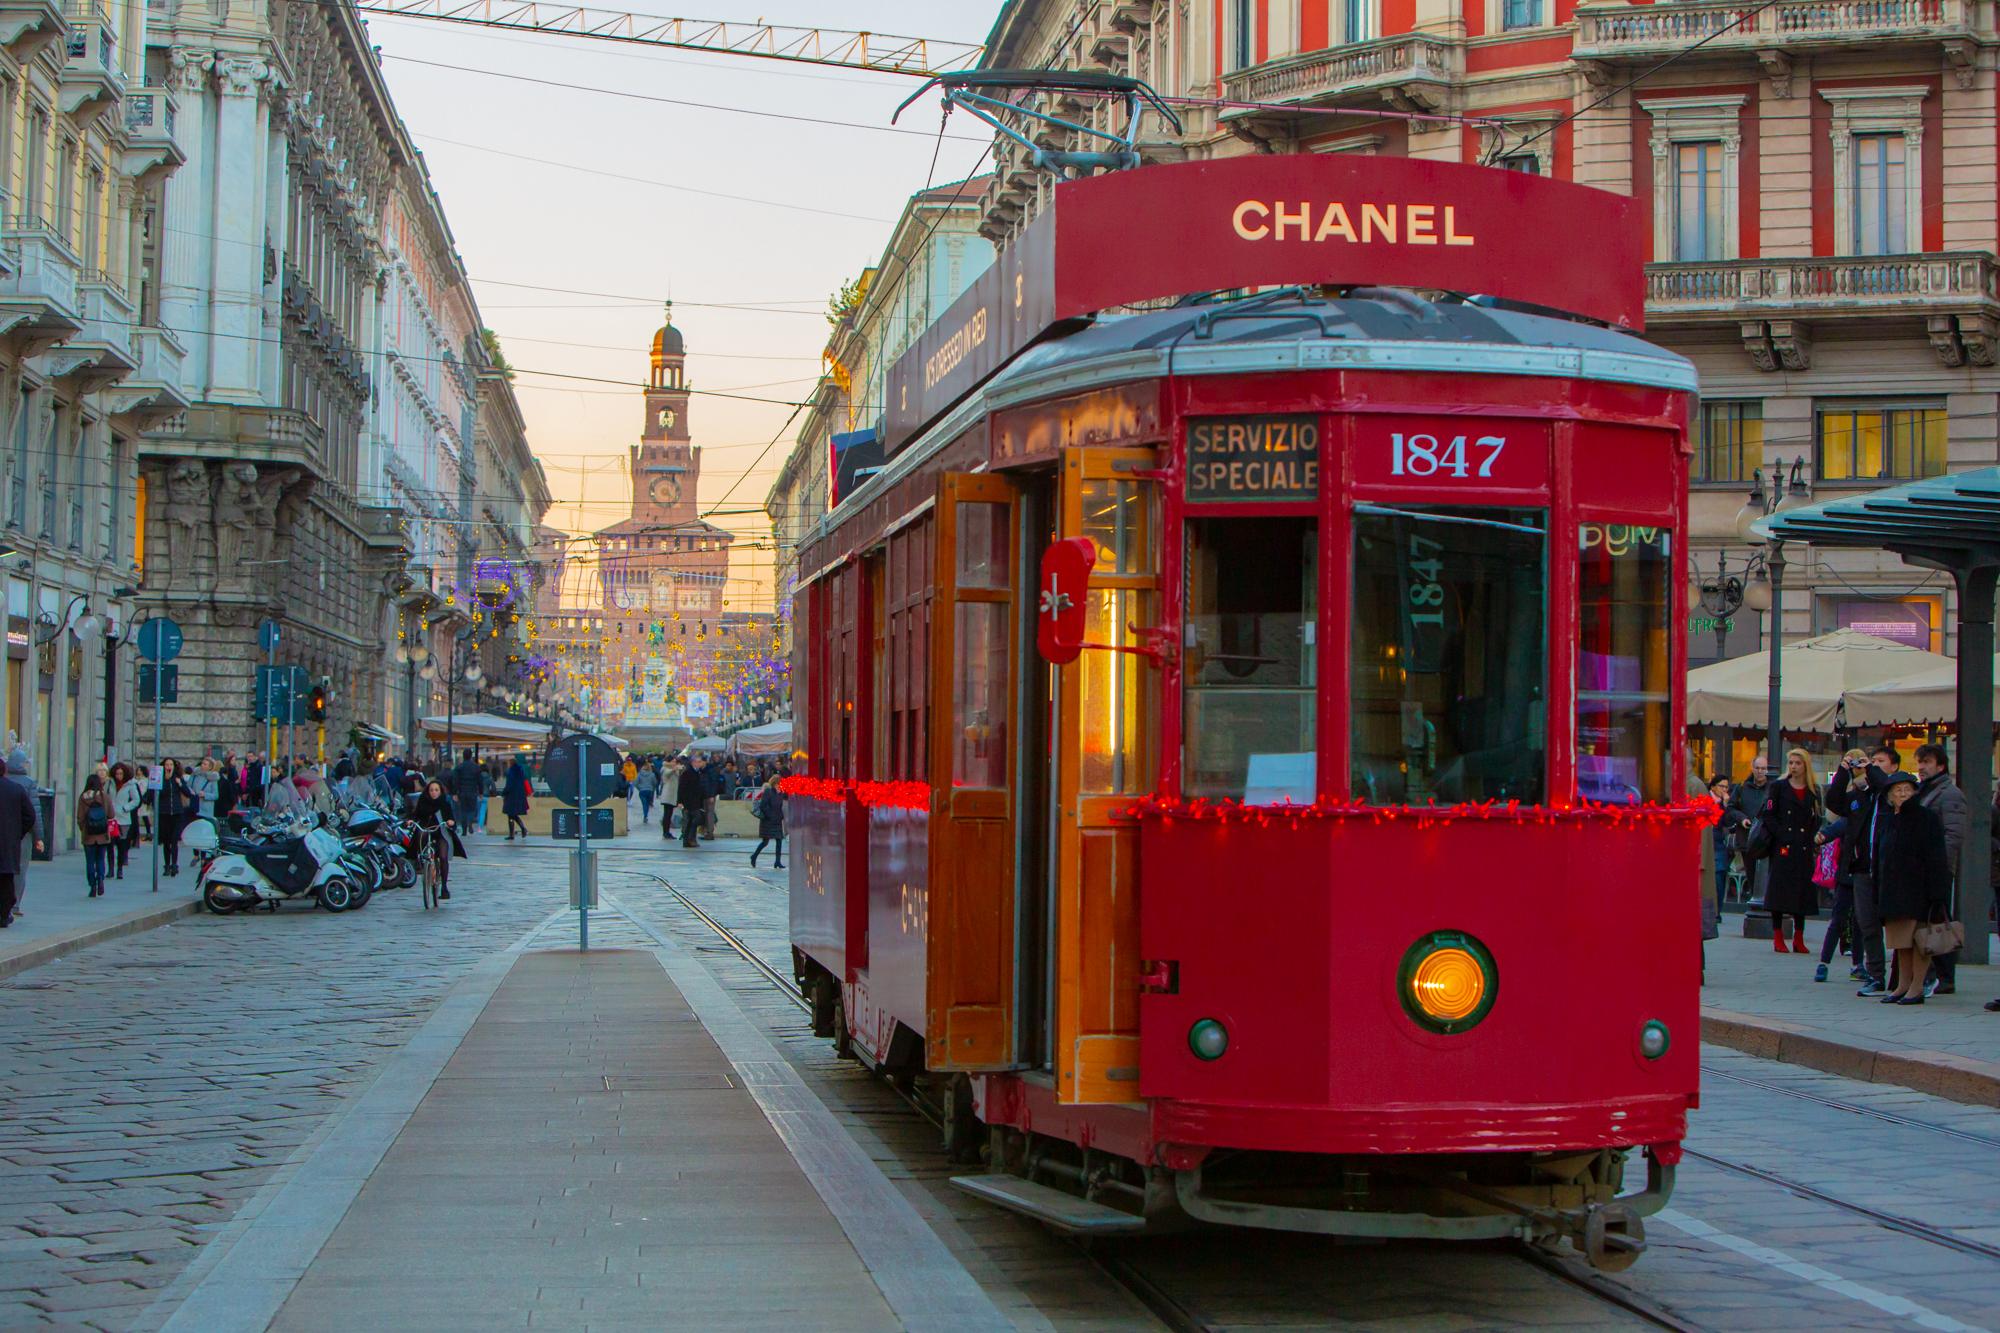 Un tramway estampillé Chanel.